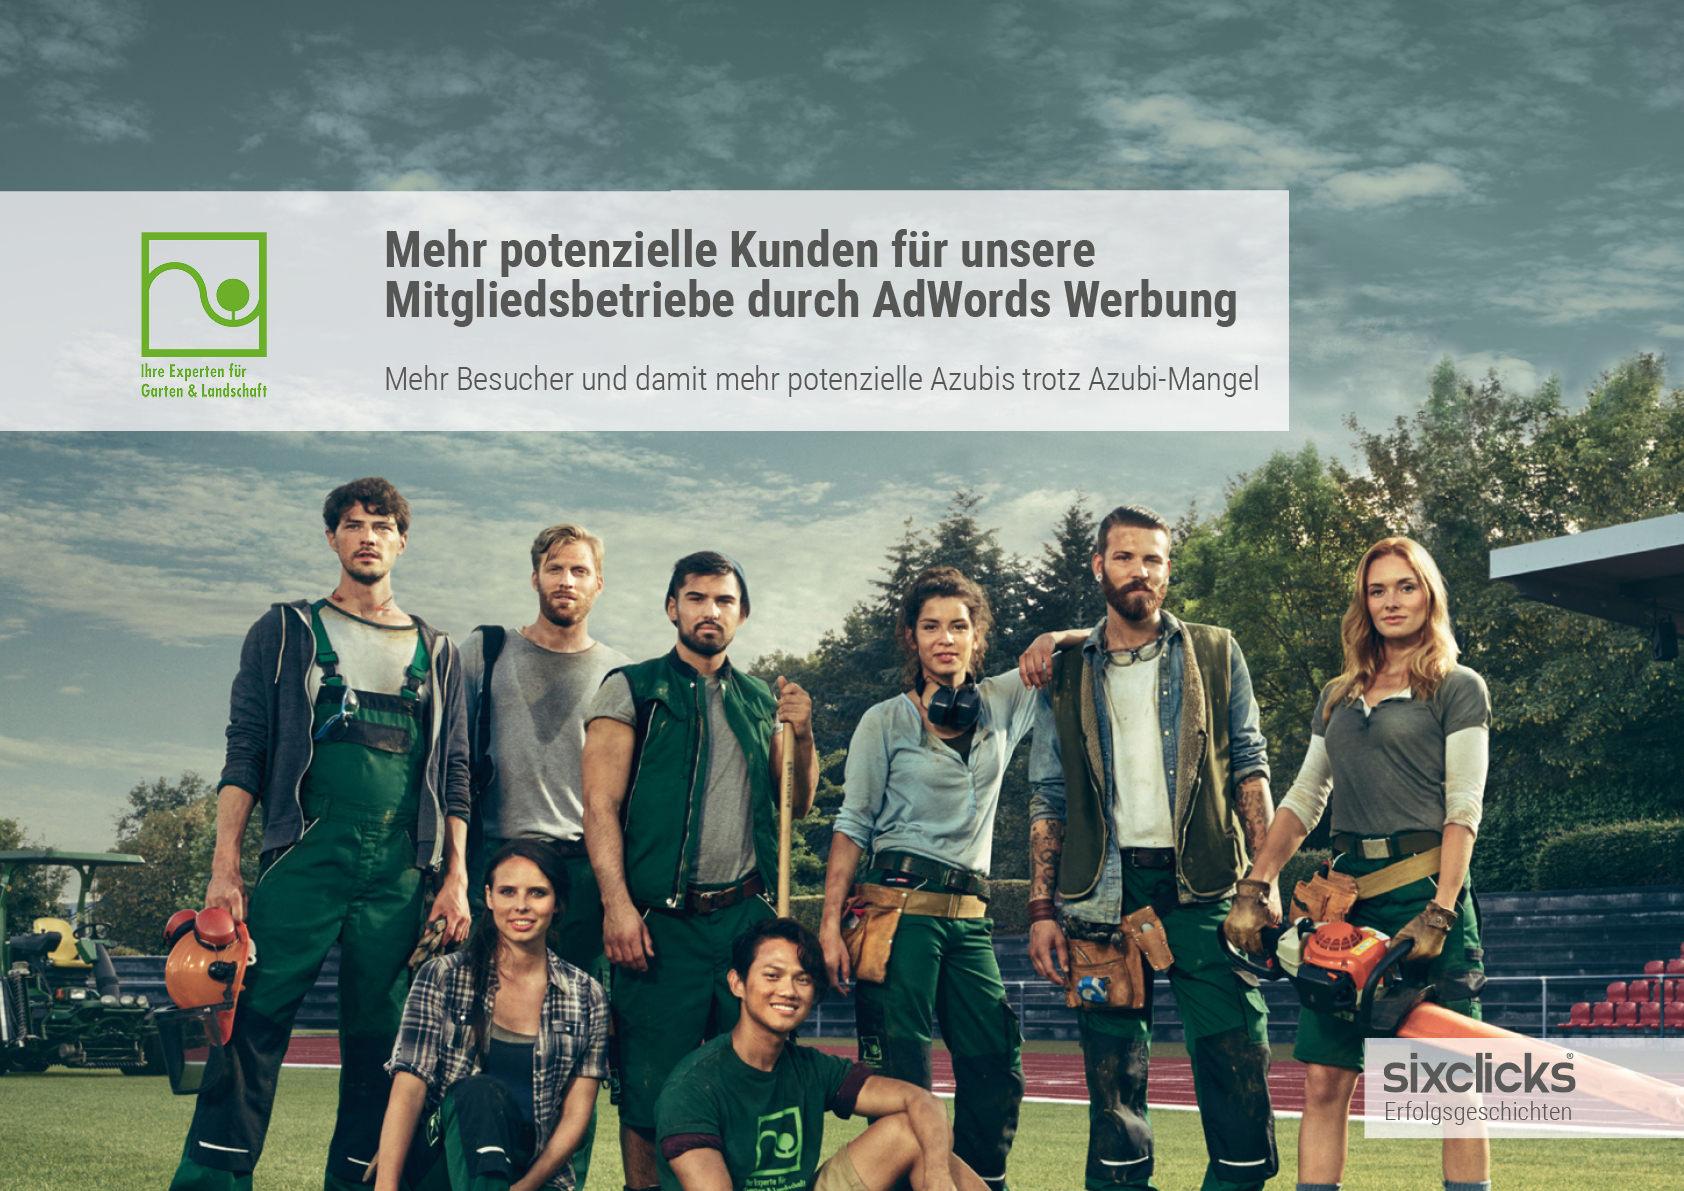 sixclicks Erfolgsgeschichte GaLaBau NRW - mehr Kunden und mehr Azubis